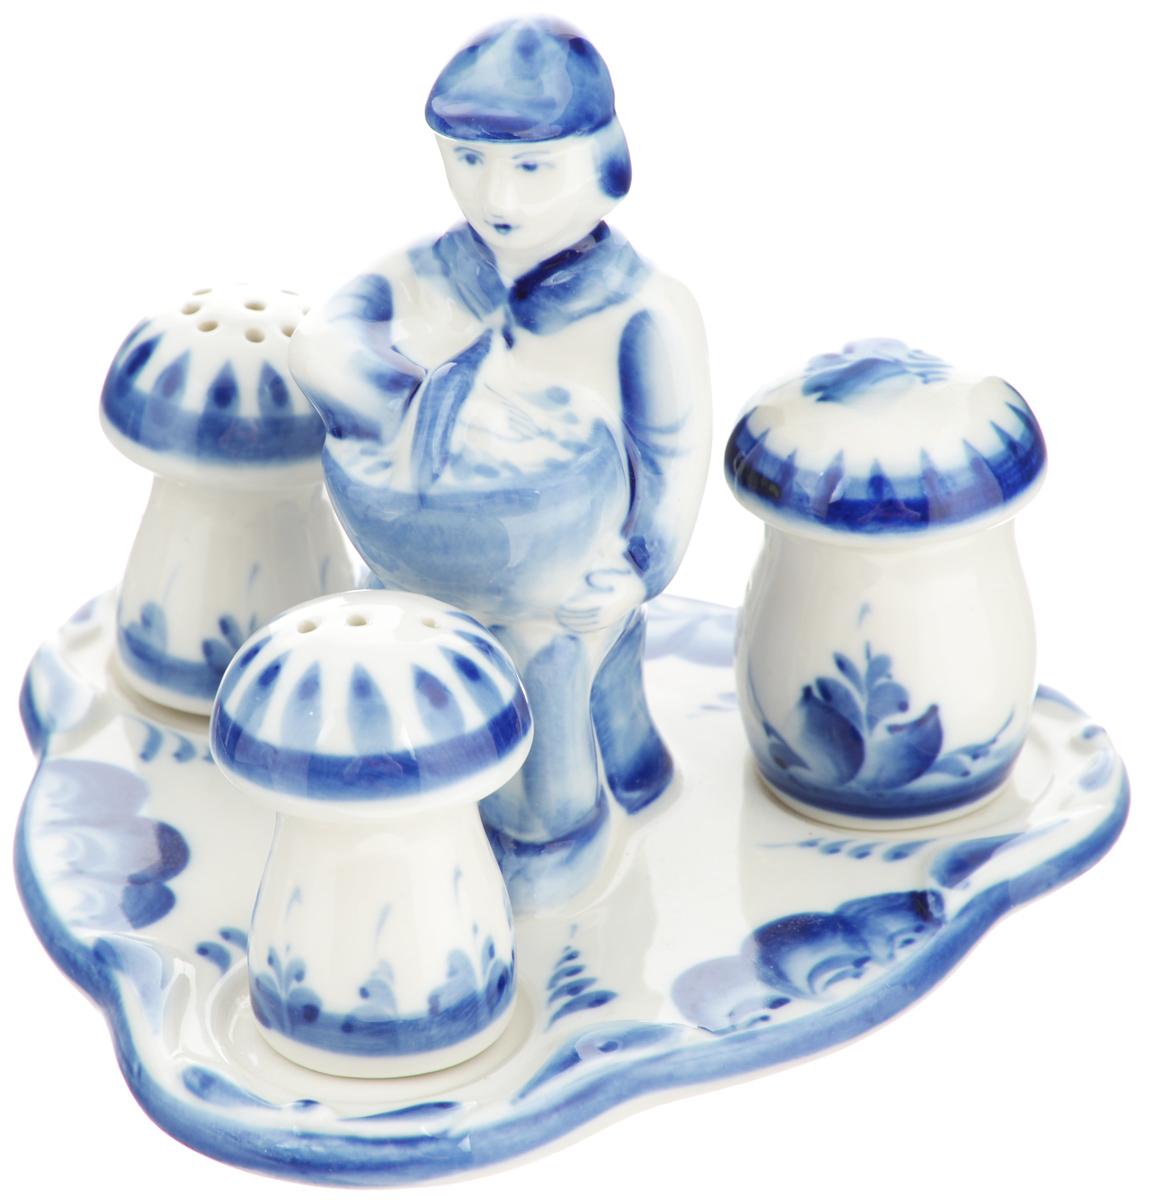 Набор для специй Грибник, цвет: белый, синий, 4 предмета. 993002512993002512Набор для специй Грибник состоит из солонки, перечницы, горчичницы, выполненные в форме грибов, и подставки, оформленной фигуркой лесника с корзинкой. Все предметы набора выполнены из керамики и украшены легкой росписью кобальтом, которая сочетает простые линии и орнаменты с красивыми цветочными узорами. Набор легок в использовании: стоит только перевернуть емкости, и вы с легкостью сможете поперчить или добавить соль по вкусу в любое блюдо. Баночка для горчицы оснащена открывающейся крышкой. Эксклюзивный дизайн, эстетичность и функциональность набора позволят ему занять достойное место среди кухонного инвентаря, а сервировка праздничного стола с таким набором, станет великолепным украшением любого торжества. Обращаем ваше внимание, что роспись на изделие сделана вручную. Рисунок может немного отличаться от изображения на фотографии. Размер солонки, перечницы: 4 см х 4 см х 5,5 см. Диаметр горчичницы по верхнему краю: 3 см. ...